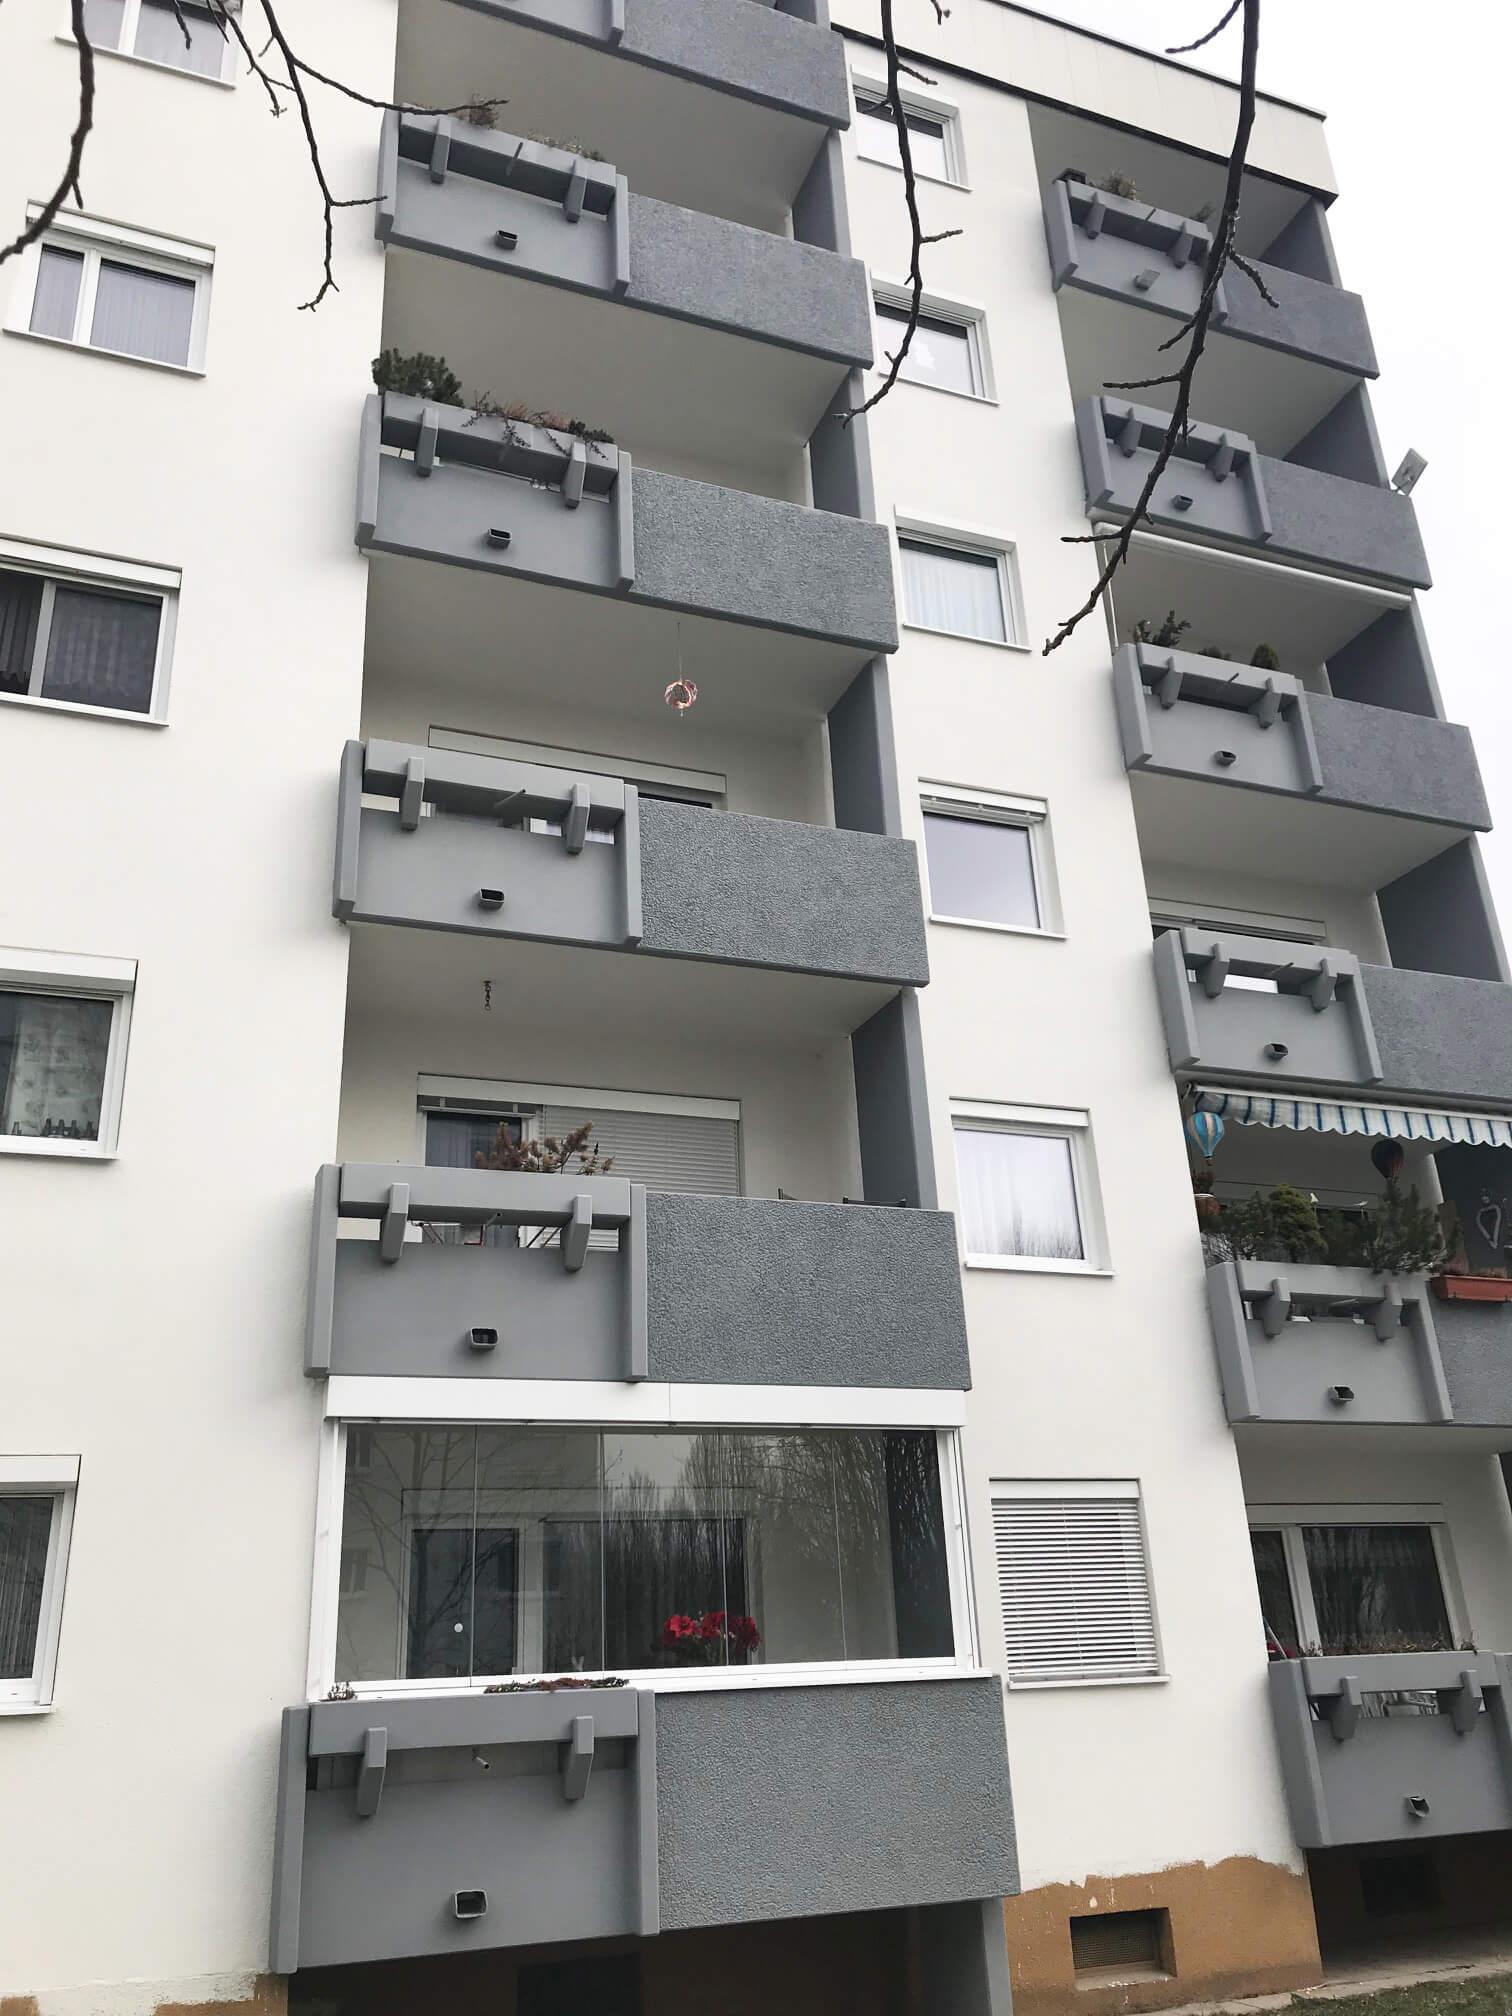 Rahmenlose Balkonverglasungen mit Außenbeschattung